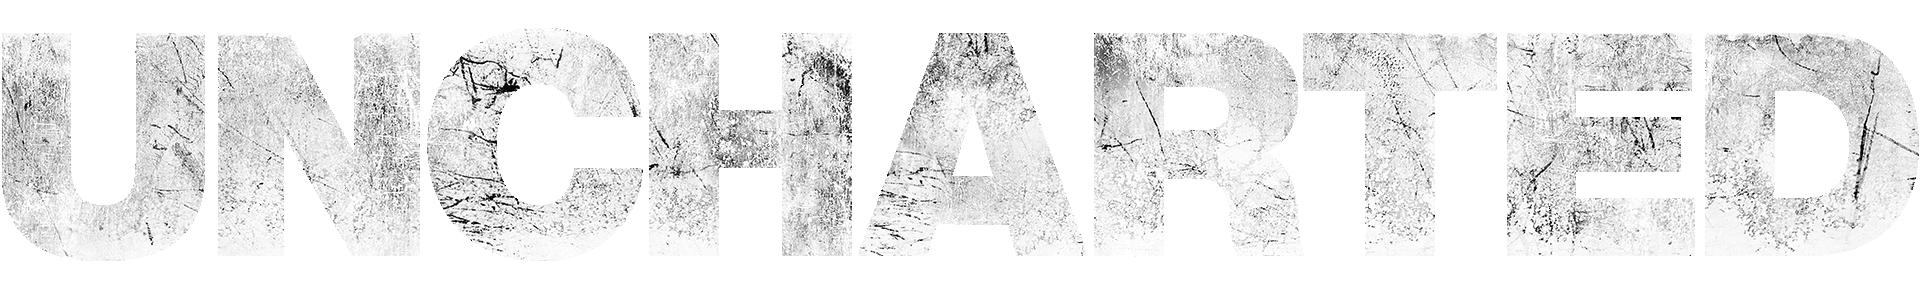 Logotipo de Uncharted